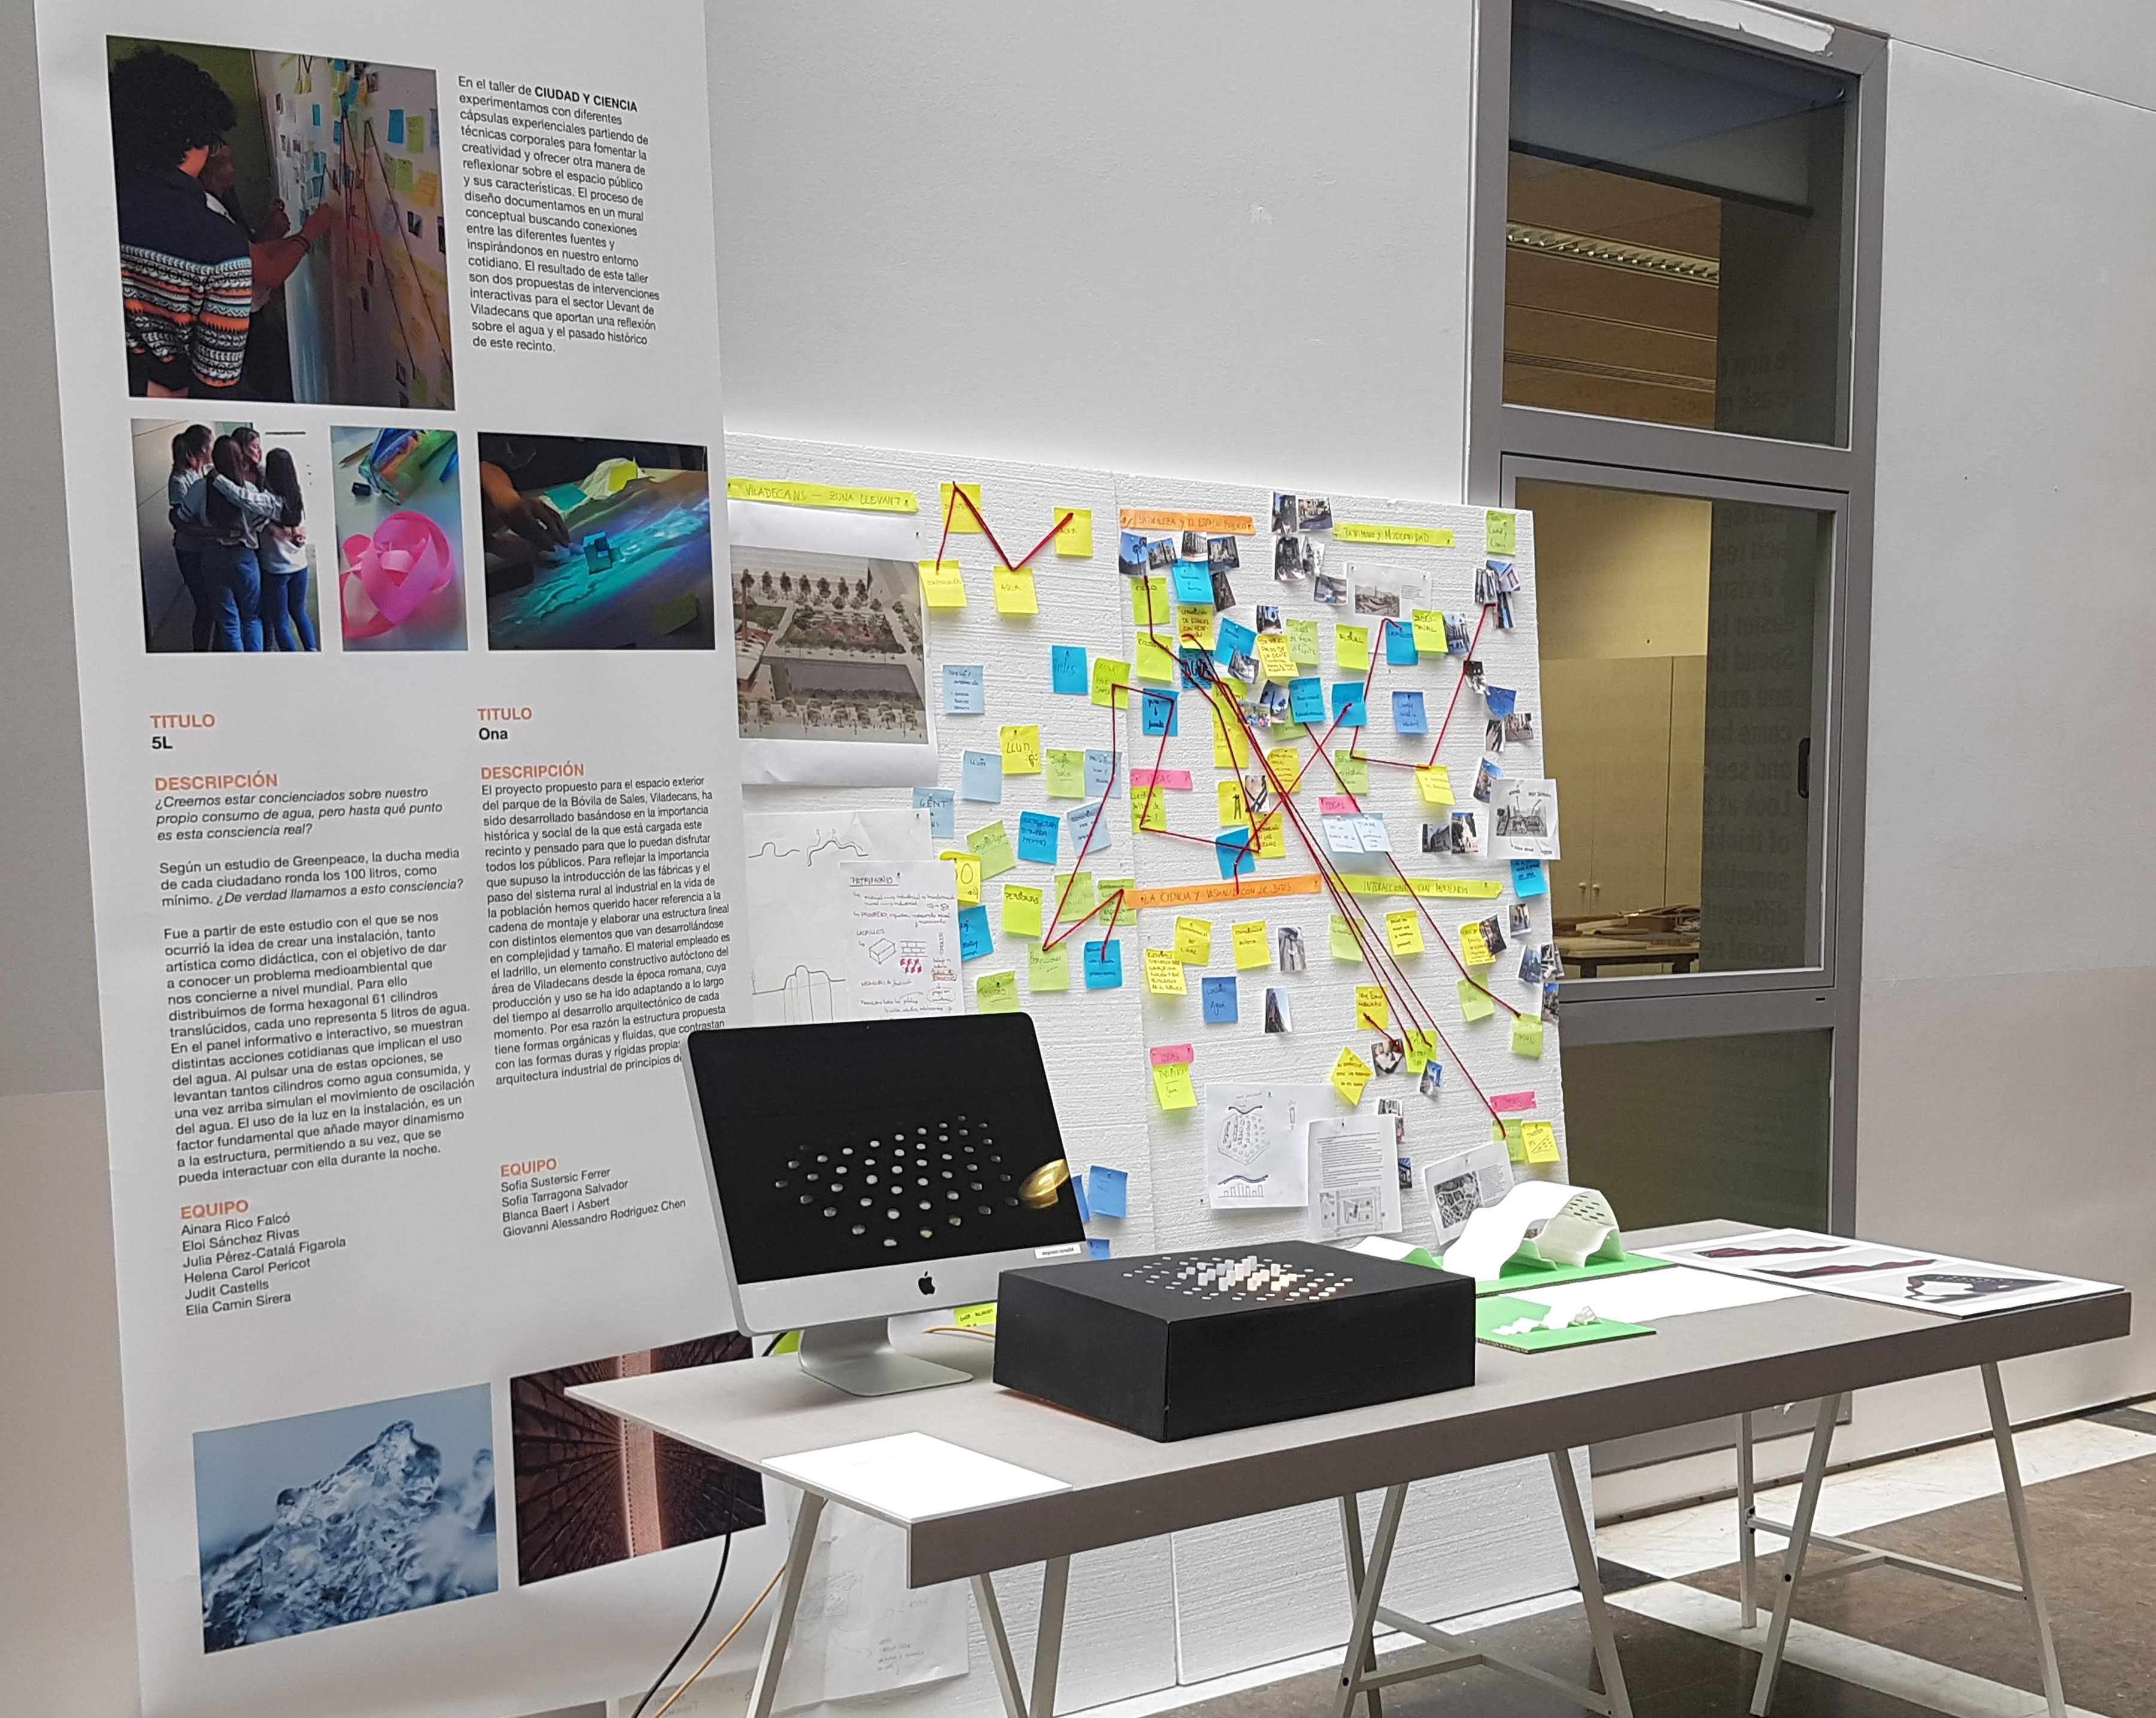 <p>Este viernes hemos inaugurado la exposición ELISAVA Experimenta! Durante una semana, colaboramos en el taller CIUDAD Y CIENCIA para estudiantes de esta escuela de diseño. El objetivo del taller fue diseñar intervenciones interactivas para un nuevo sector urbano en la ciudad de Viladecans. En el taller experimentamos con diferentes cápsulas […]</p>